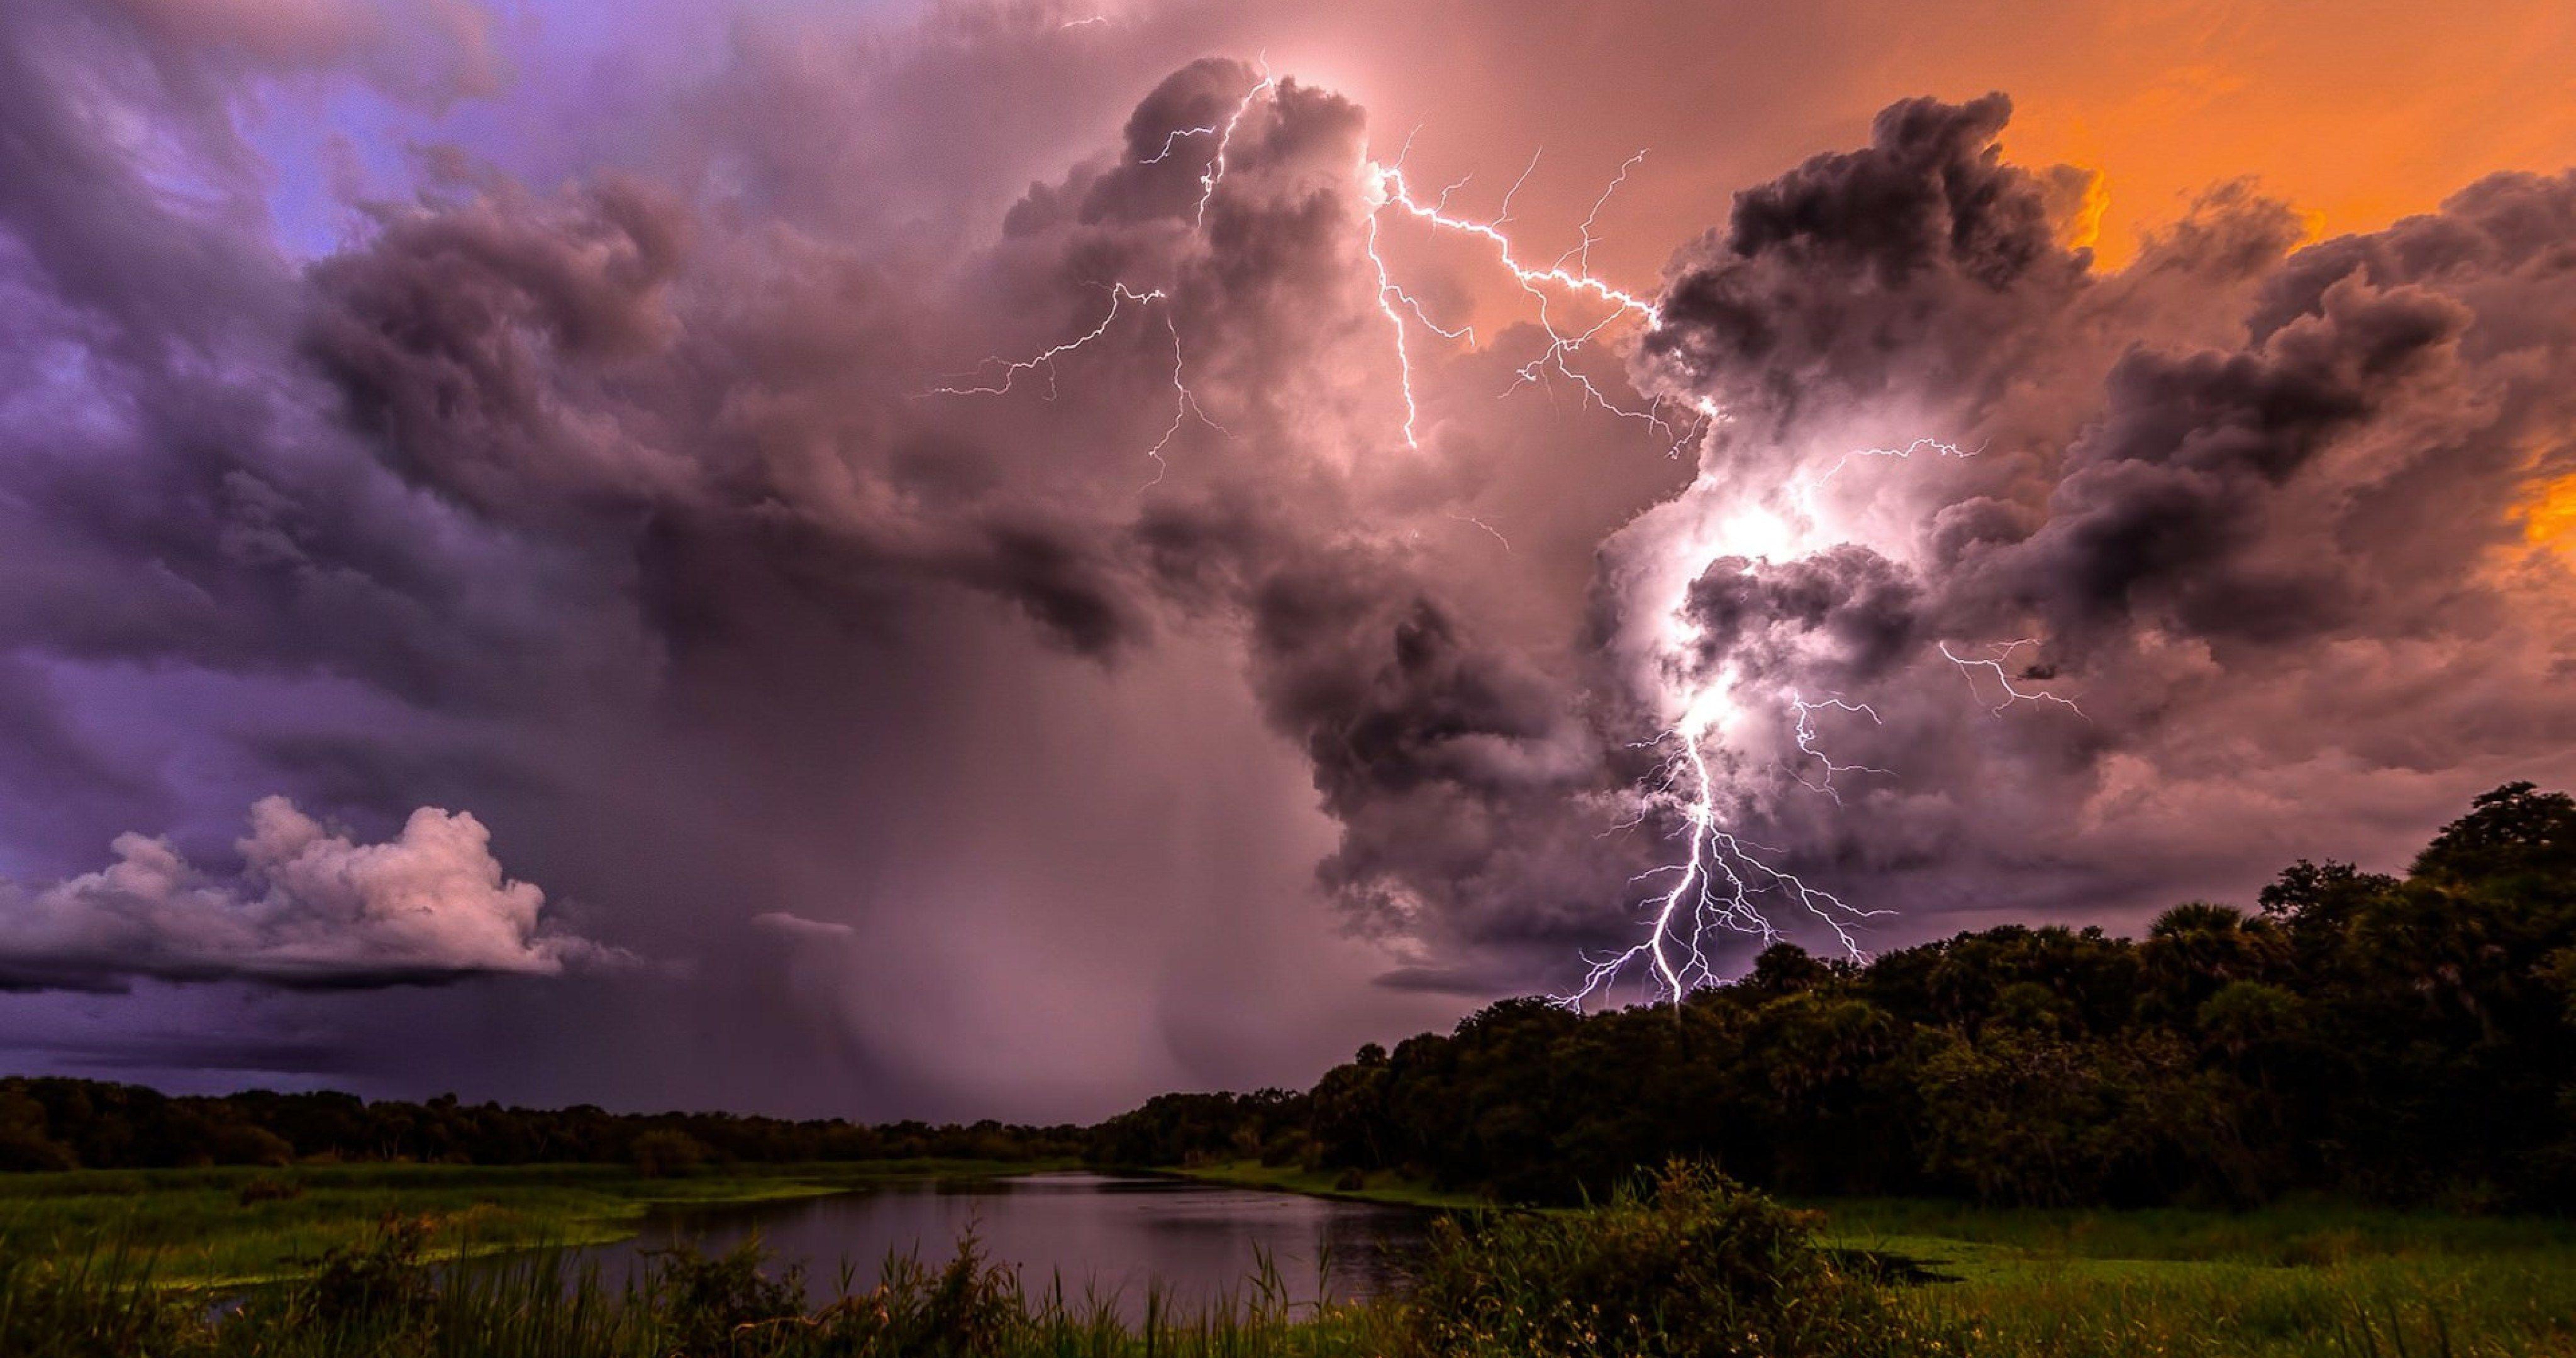 Lightning Clouds Storm 4k Ultra Hd Wallpaper Landscape Photography Lightning Photography Lightning Storm